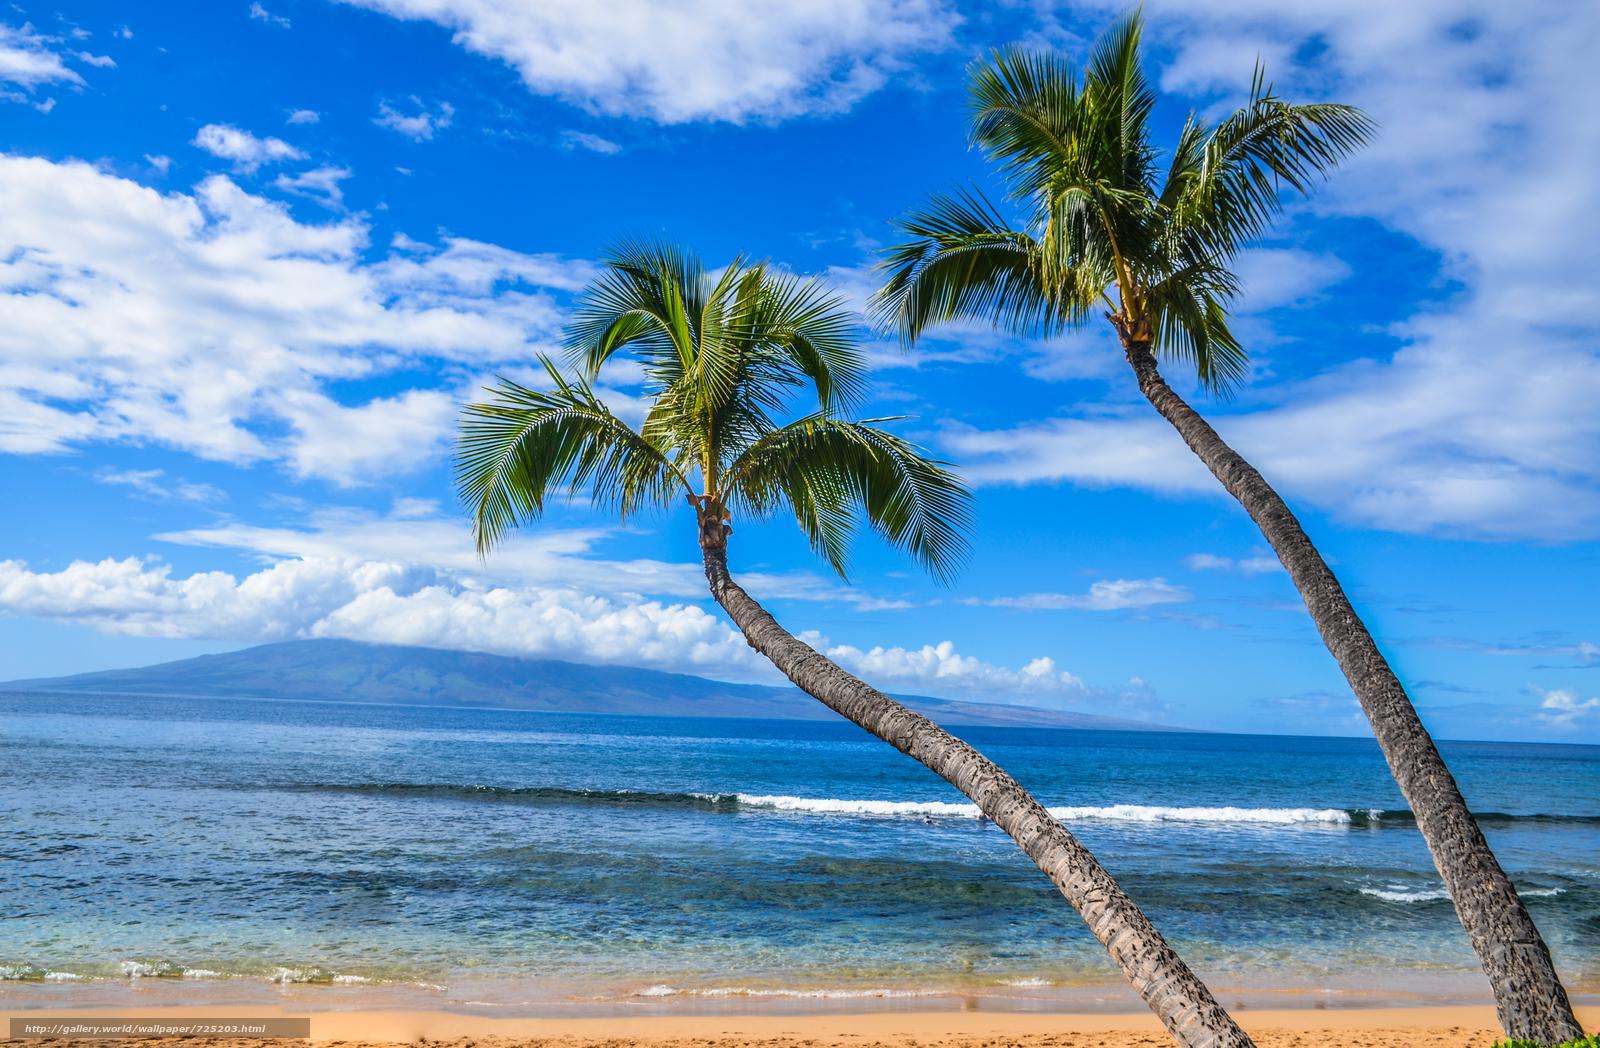 динамично картинка на сотку пальмы море состояние всегда